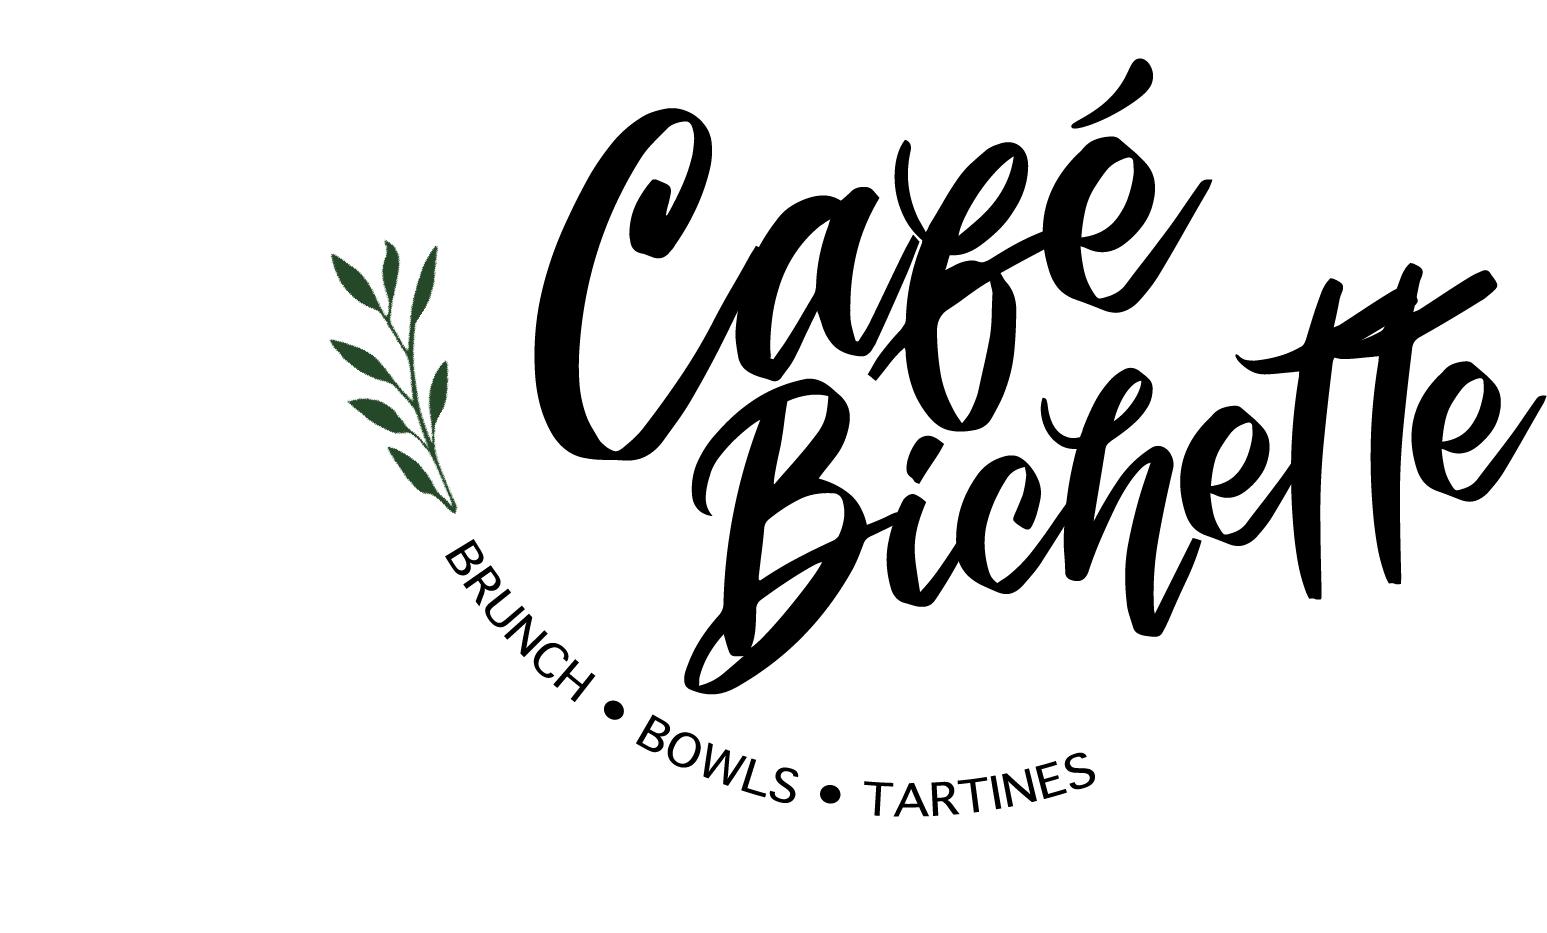 Cafe-Bichette-paint1Logo-150pp (002).png